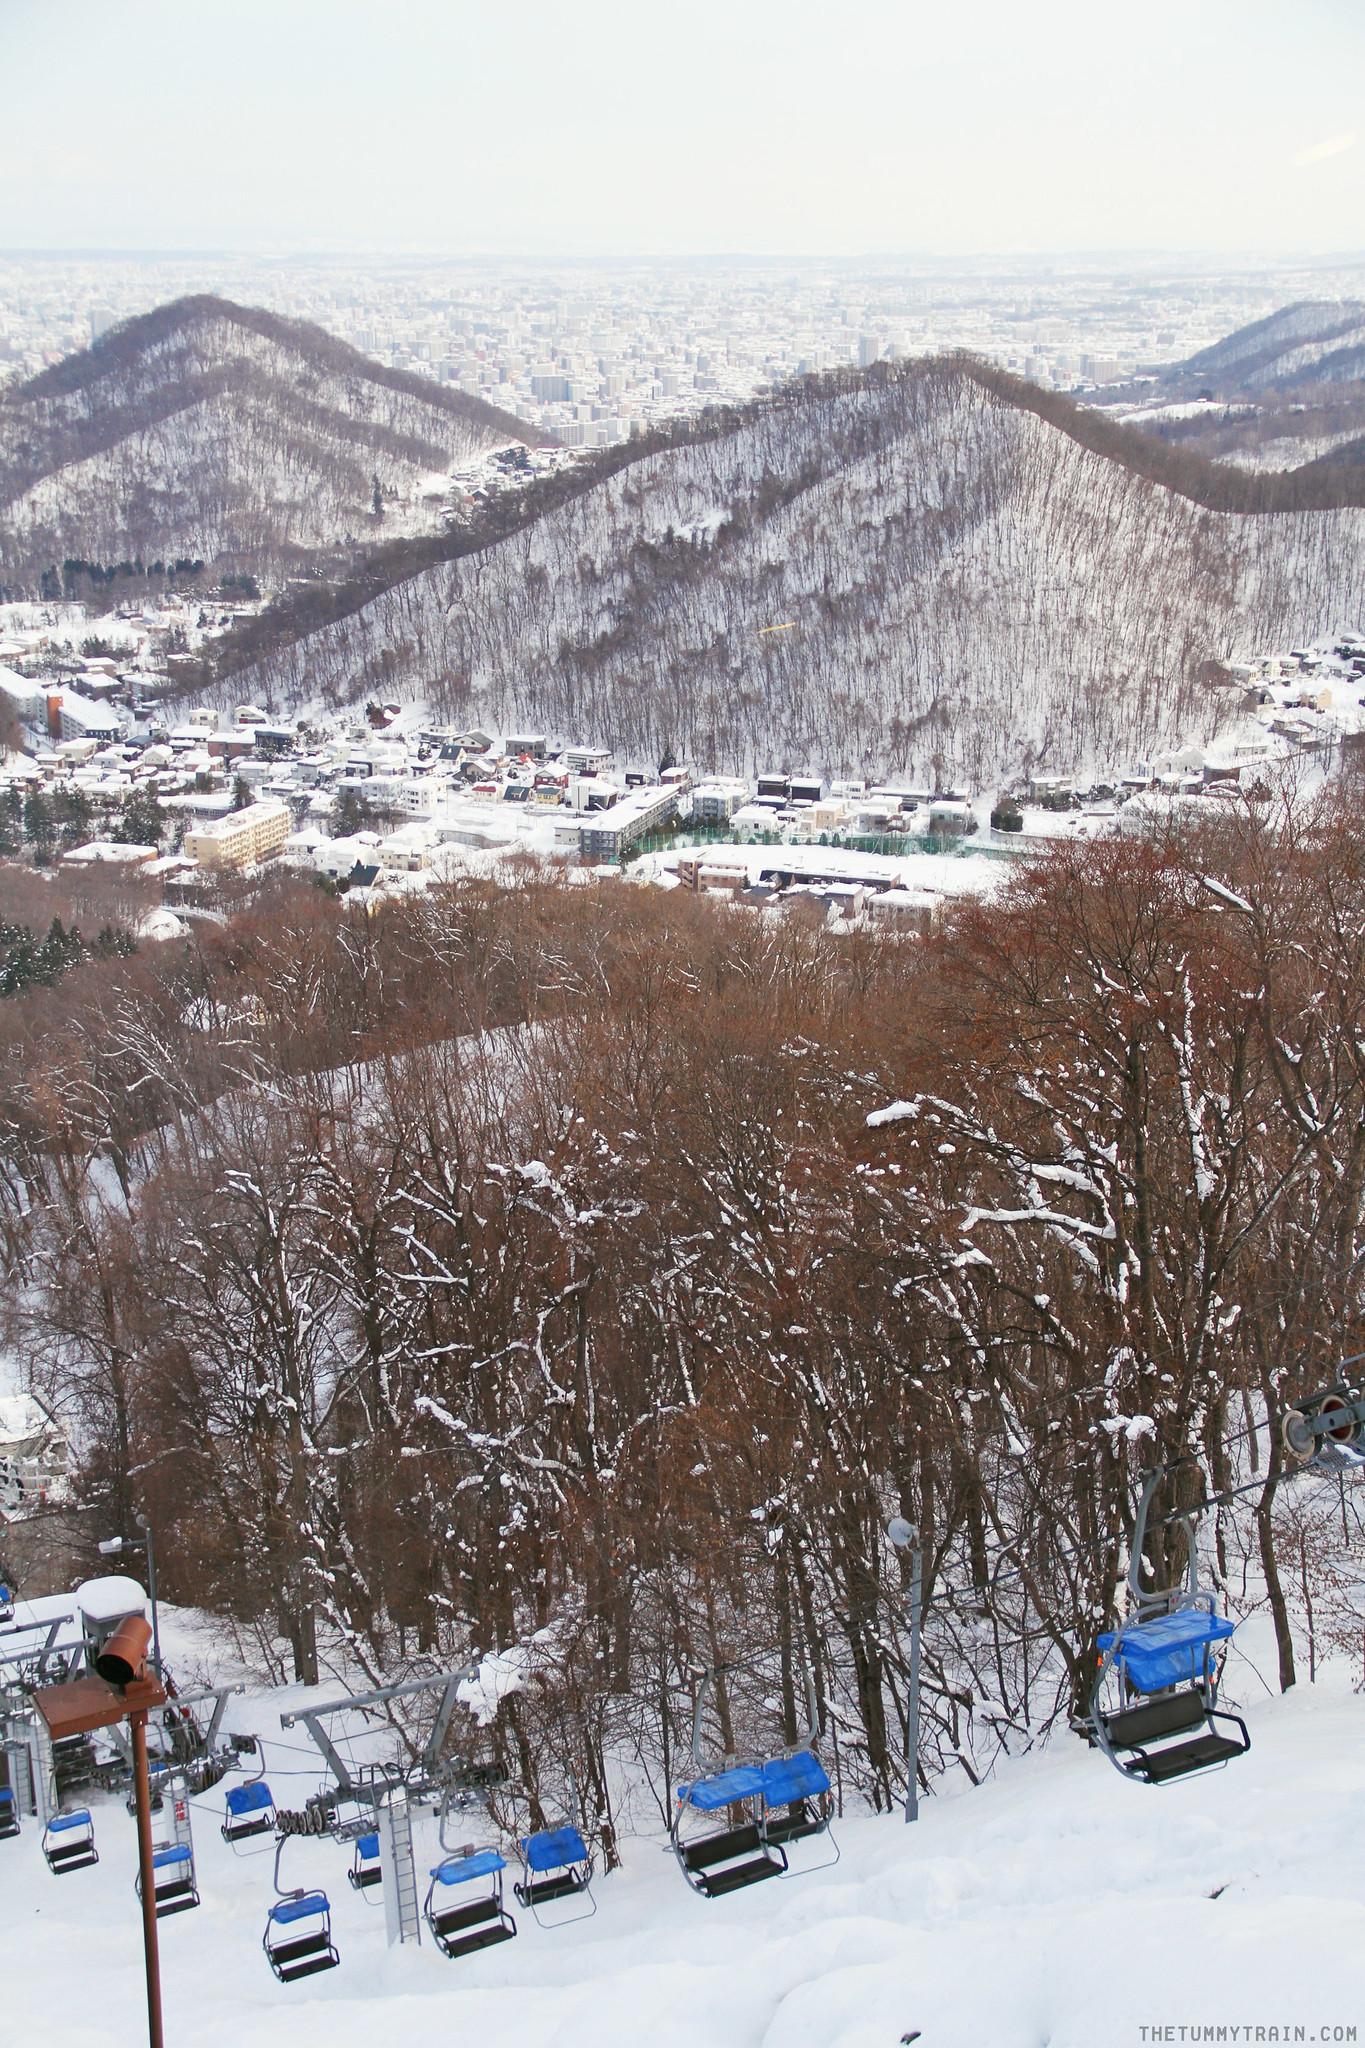 32763080872 a03f190e44 k - Sapporo Snow And Smile: 8 Unforgettable Winter Experiences in Sapporo City